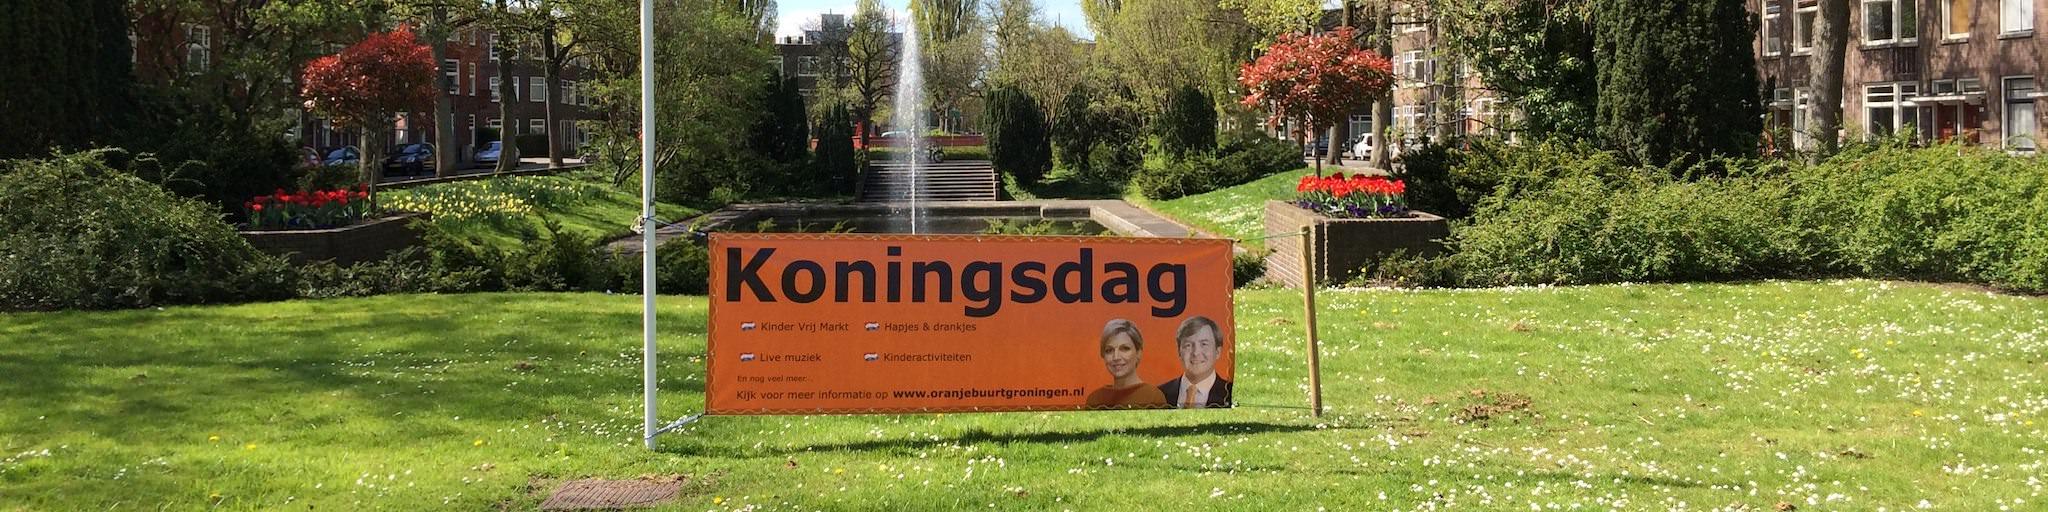 Groningen - Koningsdag